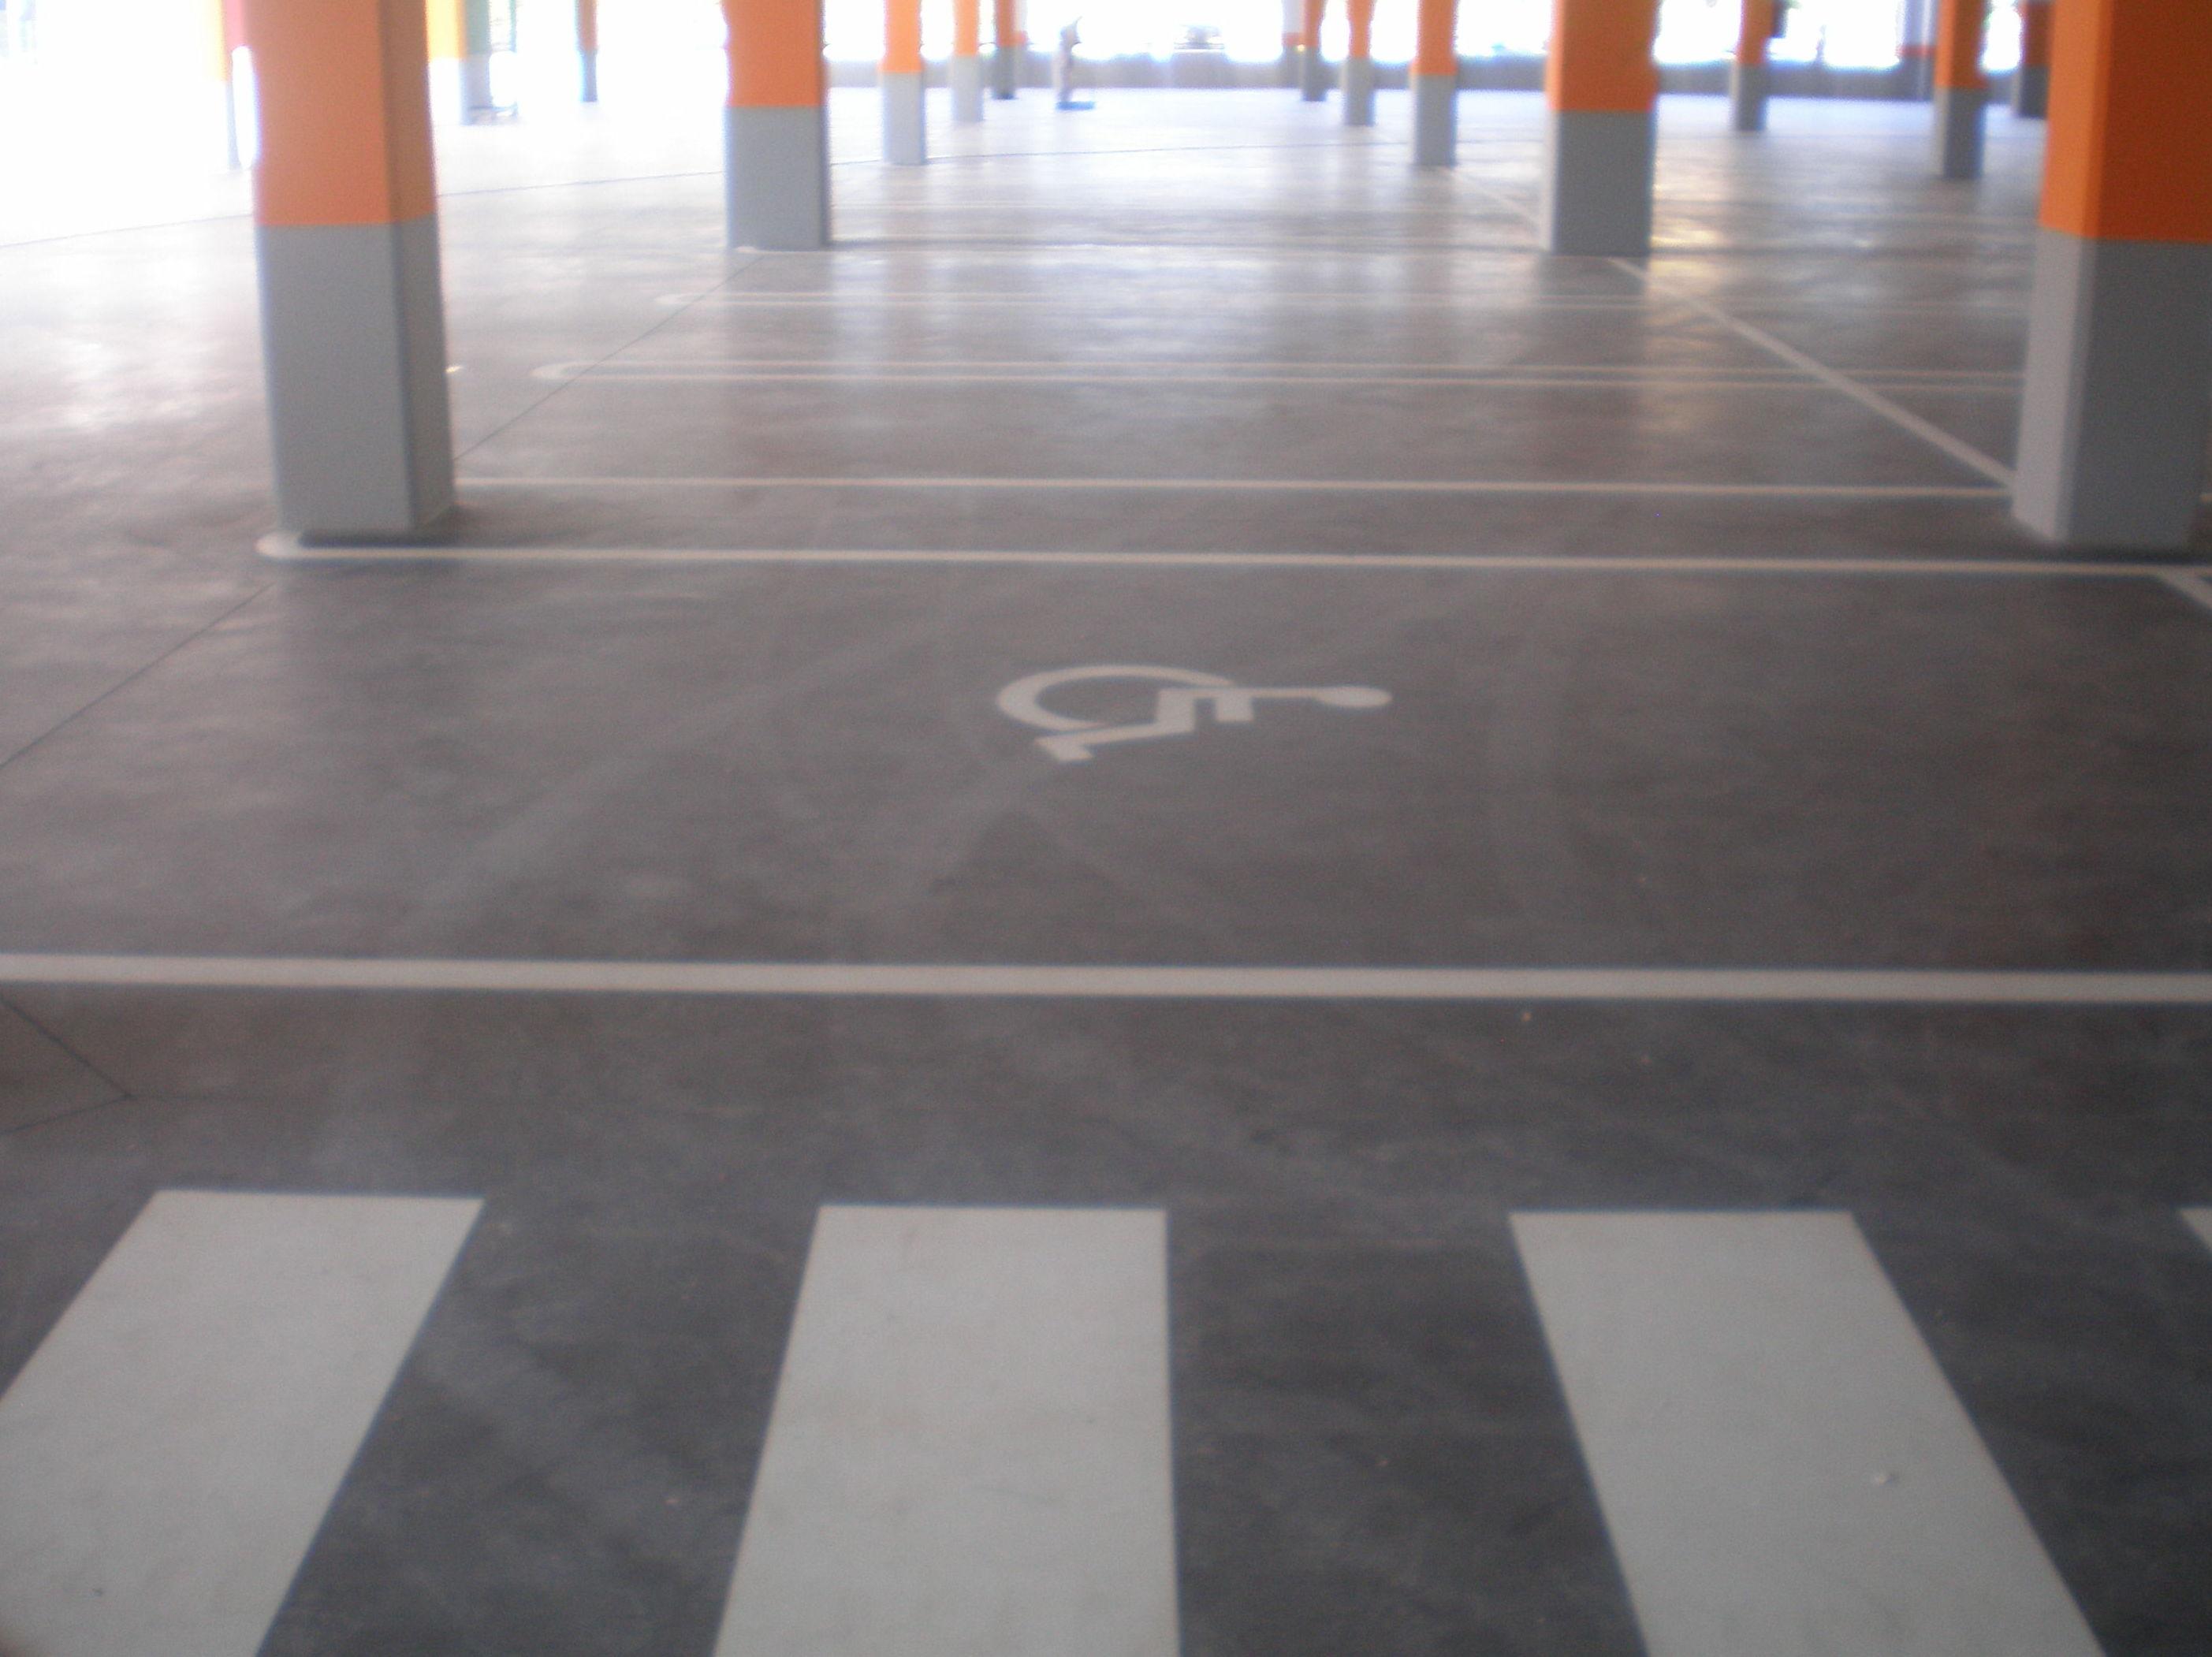 Pinturas suelos y se alizaci n parking qu hacemos de - Pintura suelo parking ...